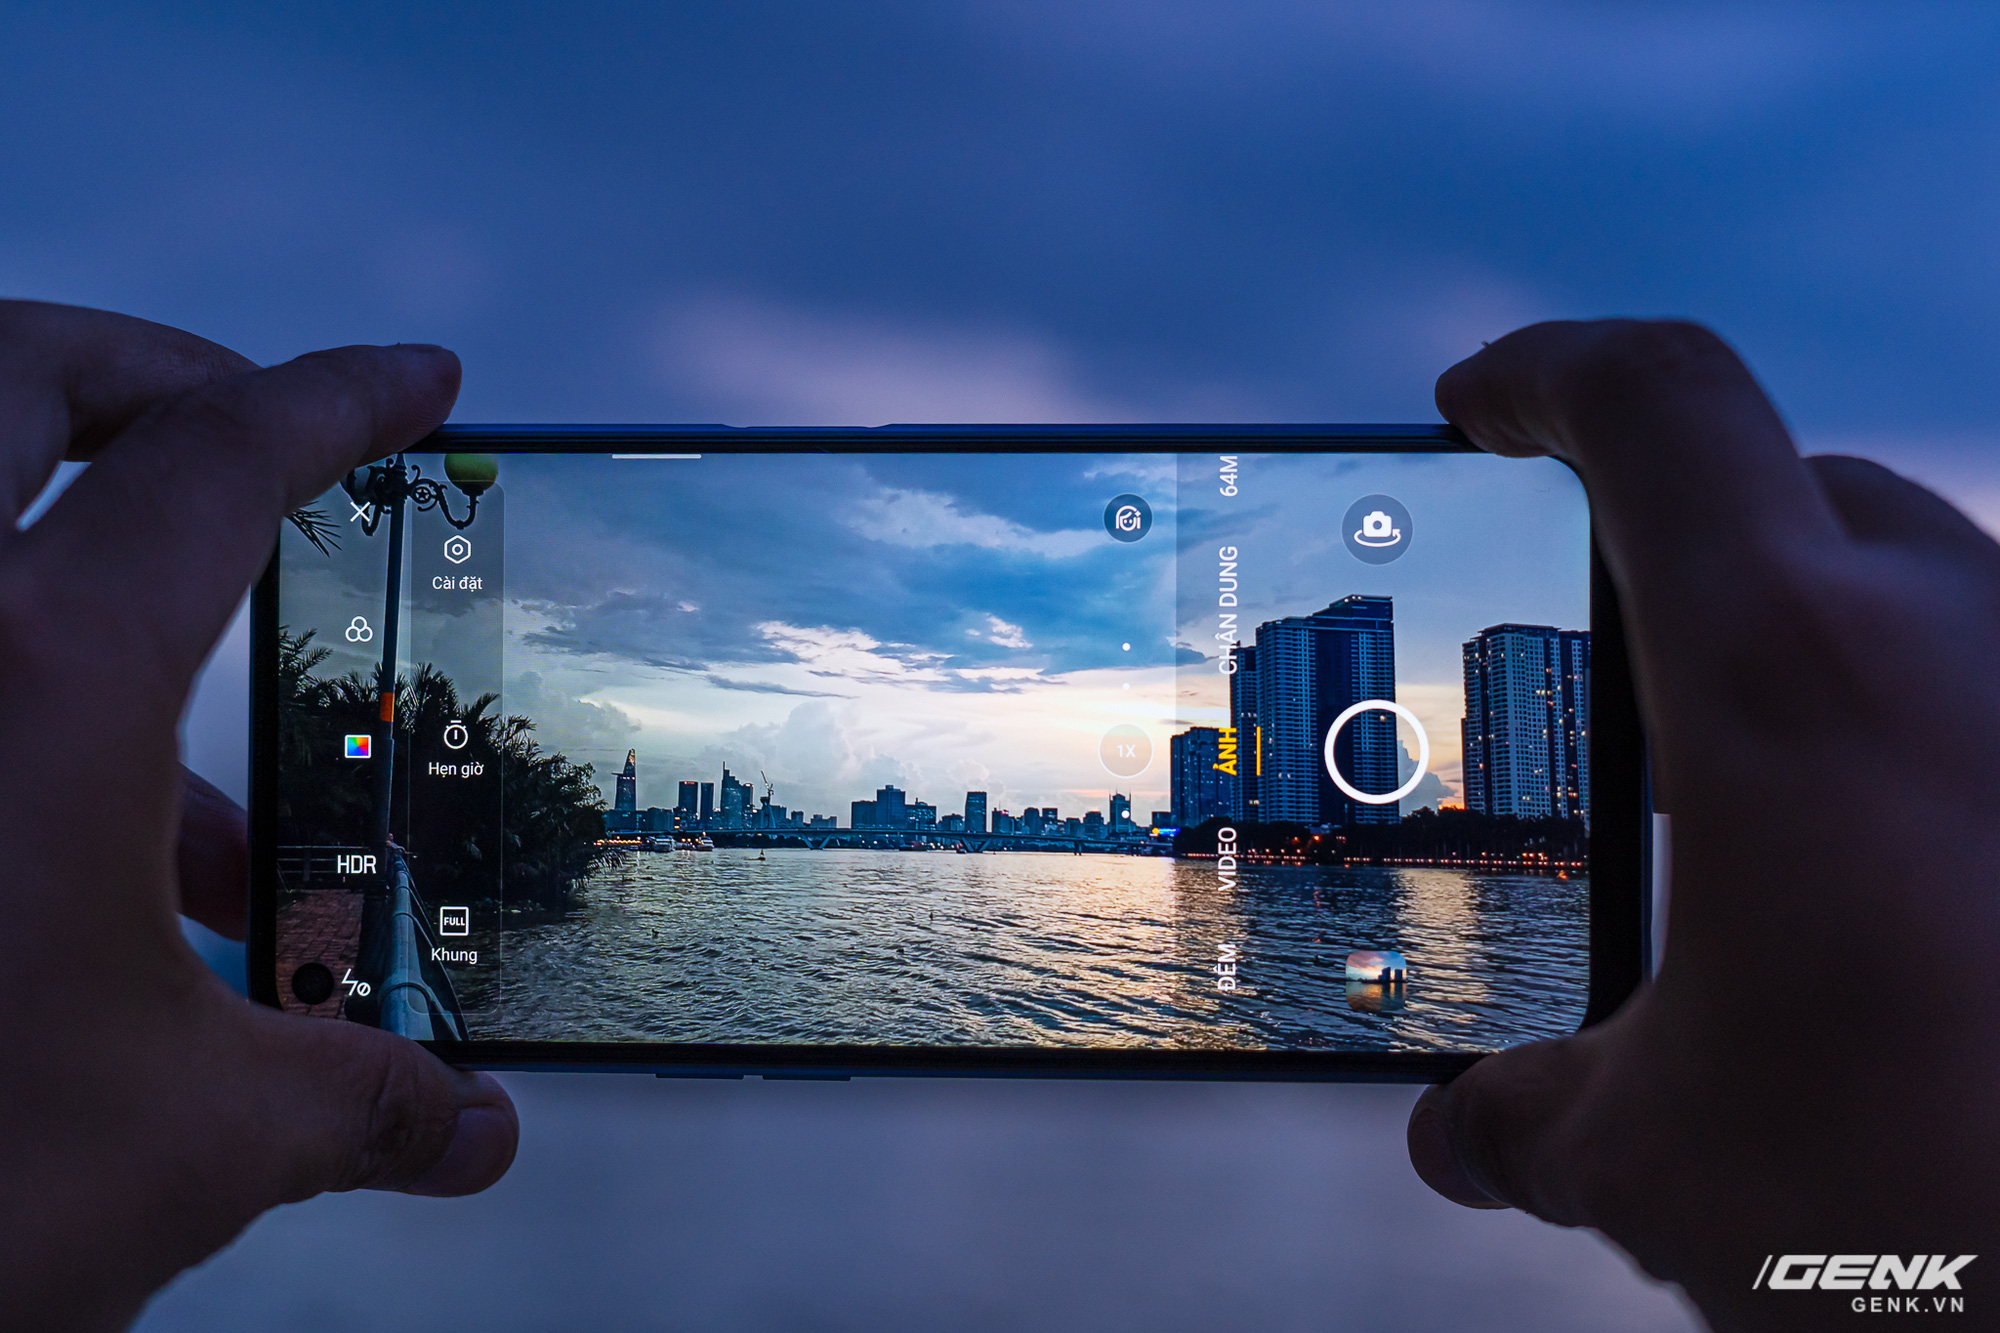 Đánh giá camera Realme 7: một chiếc Realme 6 được vũ trang thêm nhiều thứ mới - Ảnh 2.